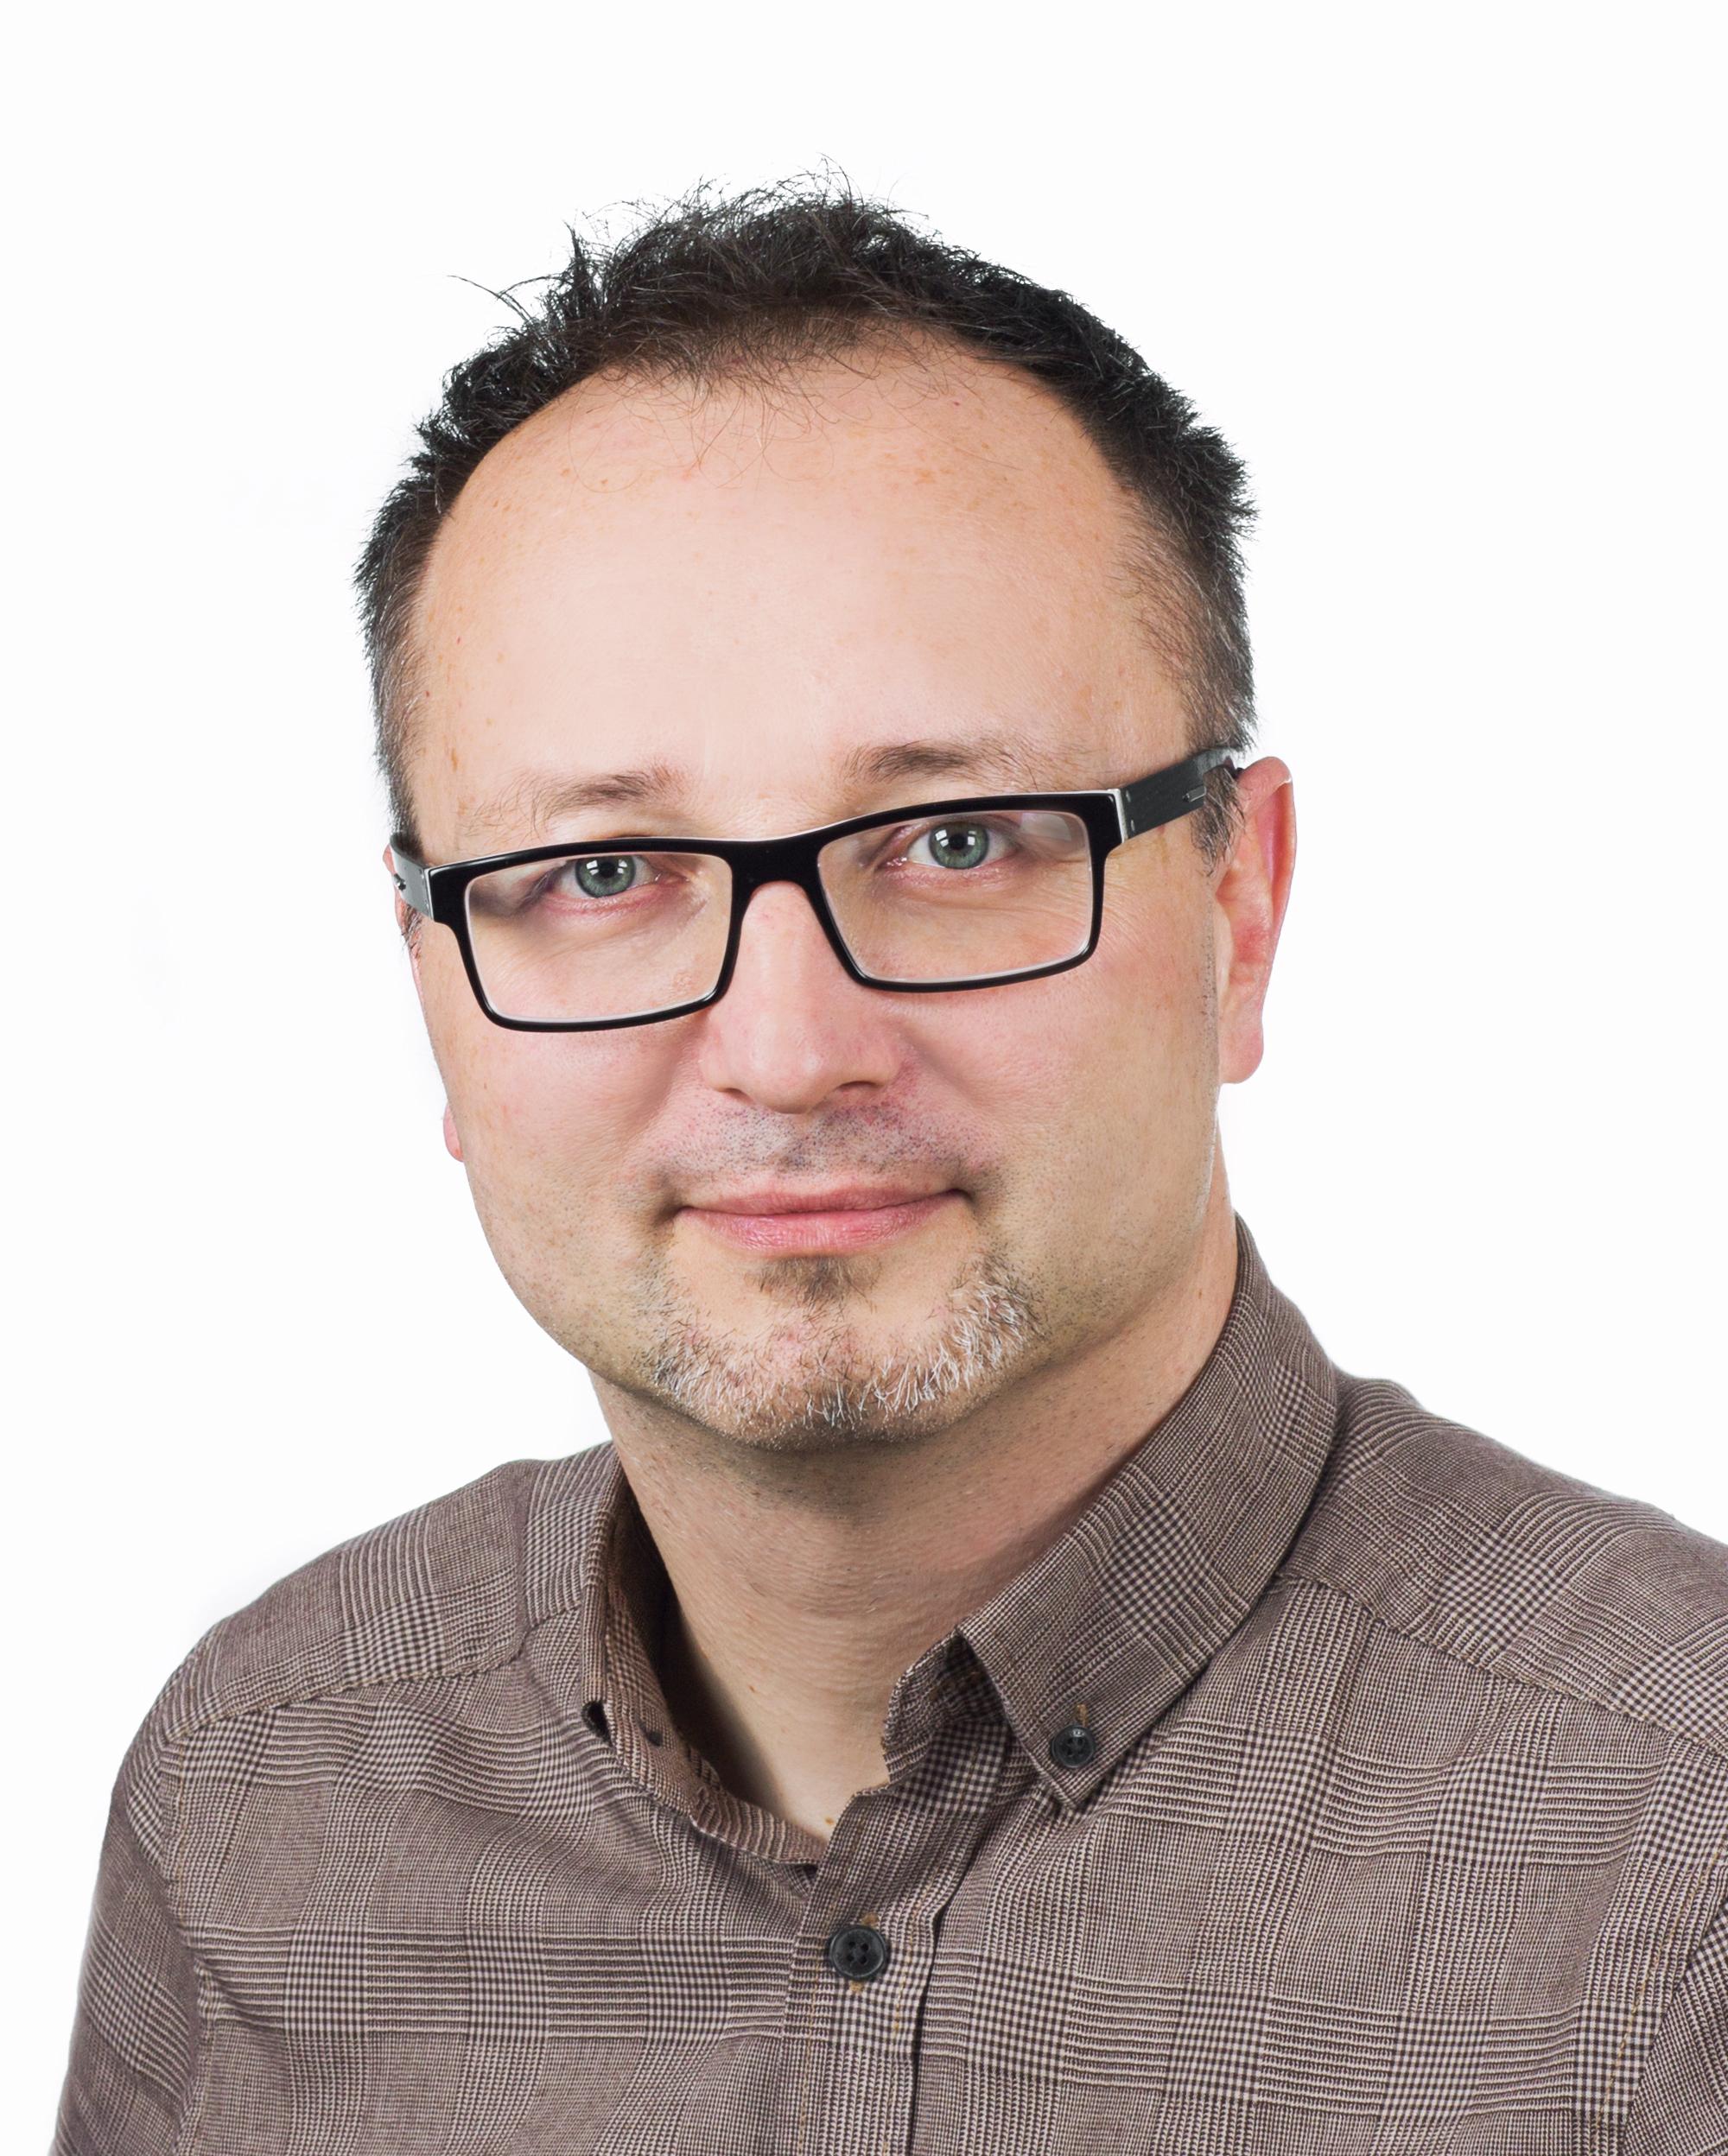 M.KAMINSKI